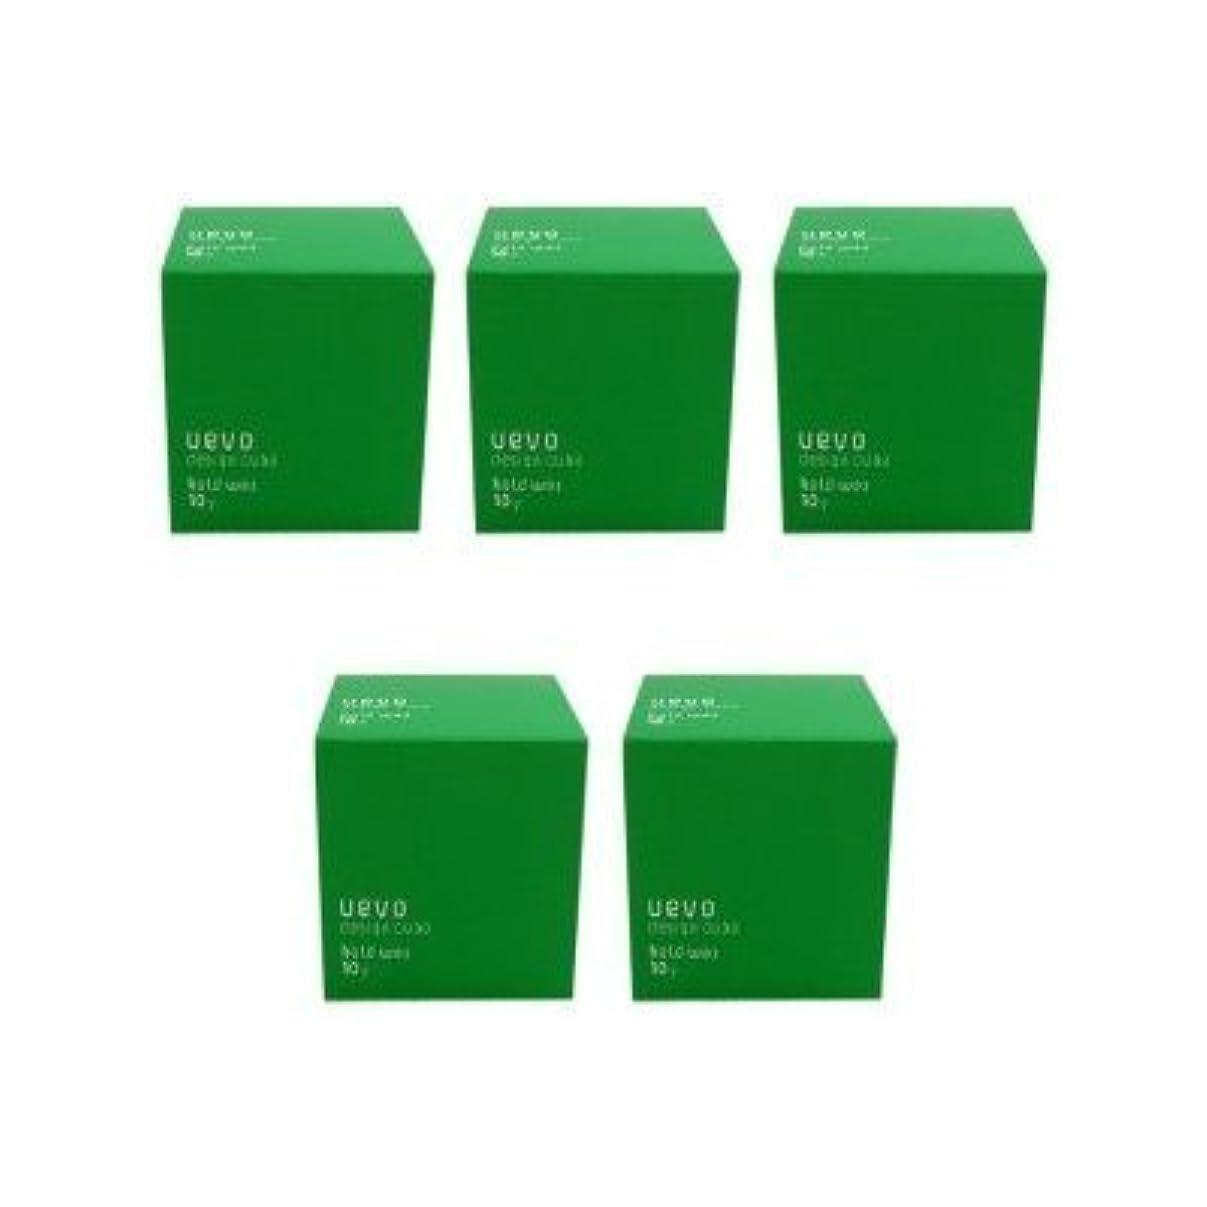 繰り返した矢印コール【X5個セット】 デミ ウェーボ デザインキューブ ホールドワックス 80g hold wax DEMI uevo design cube